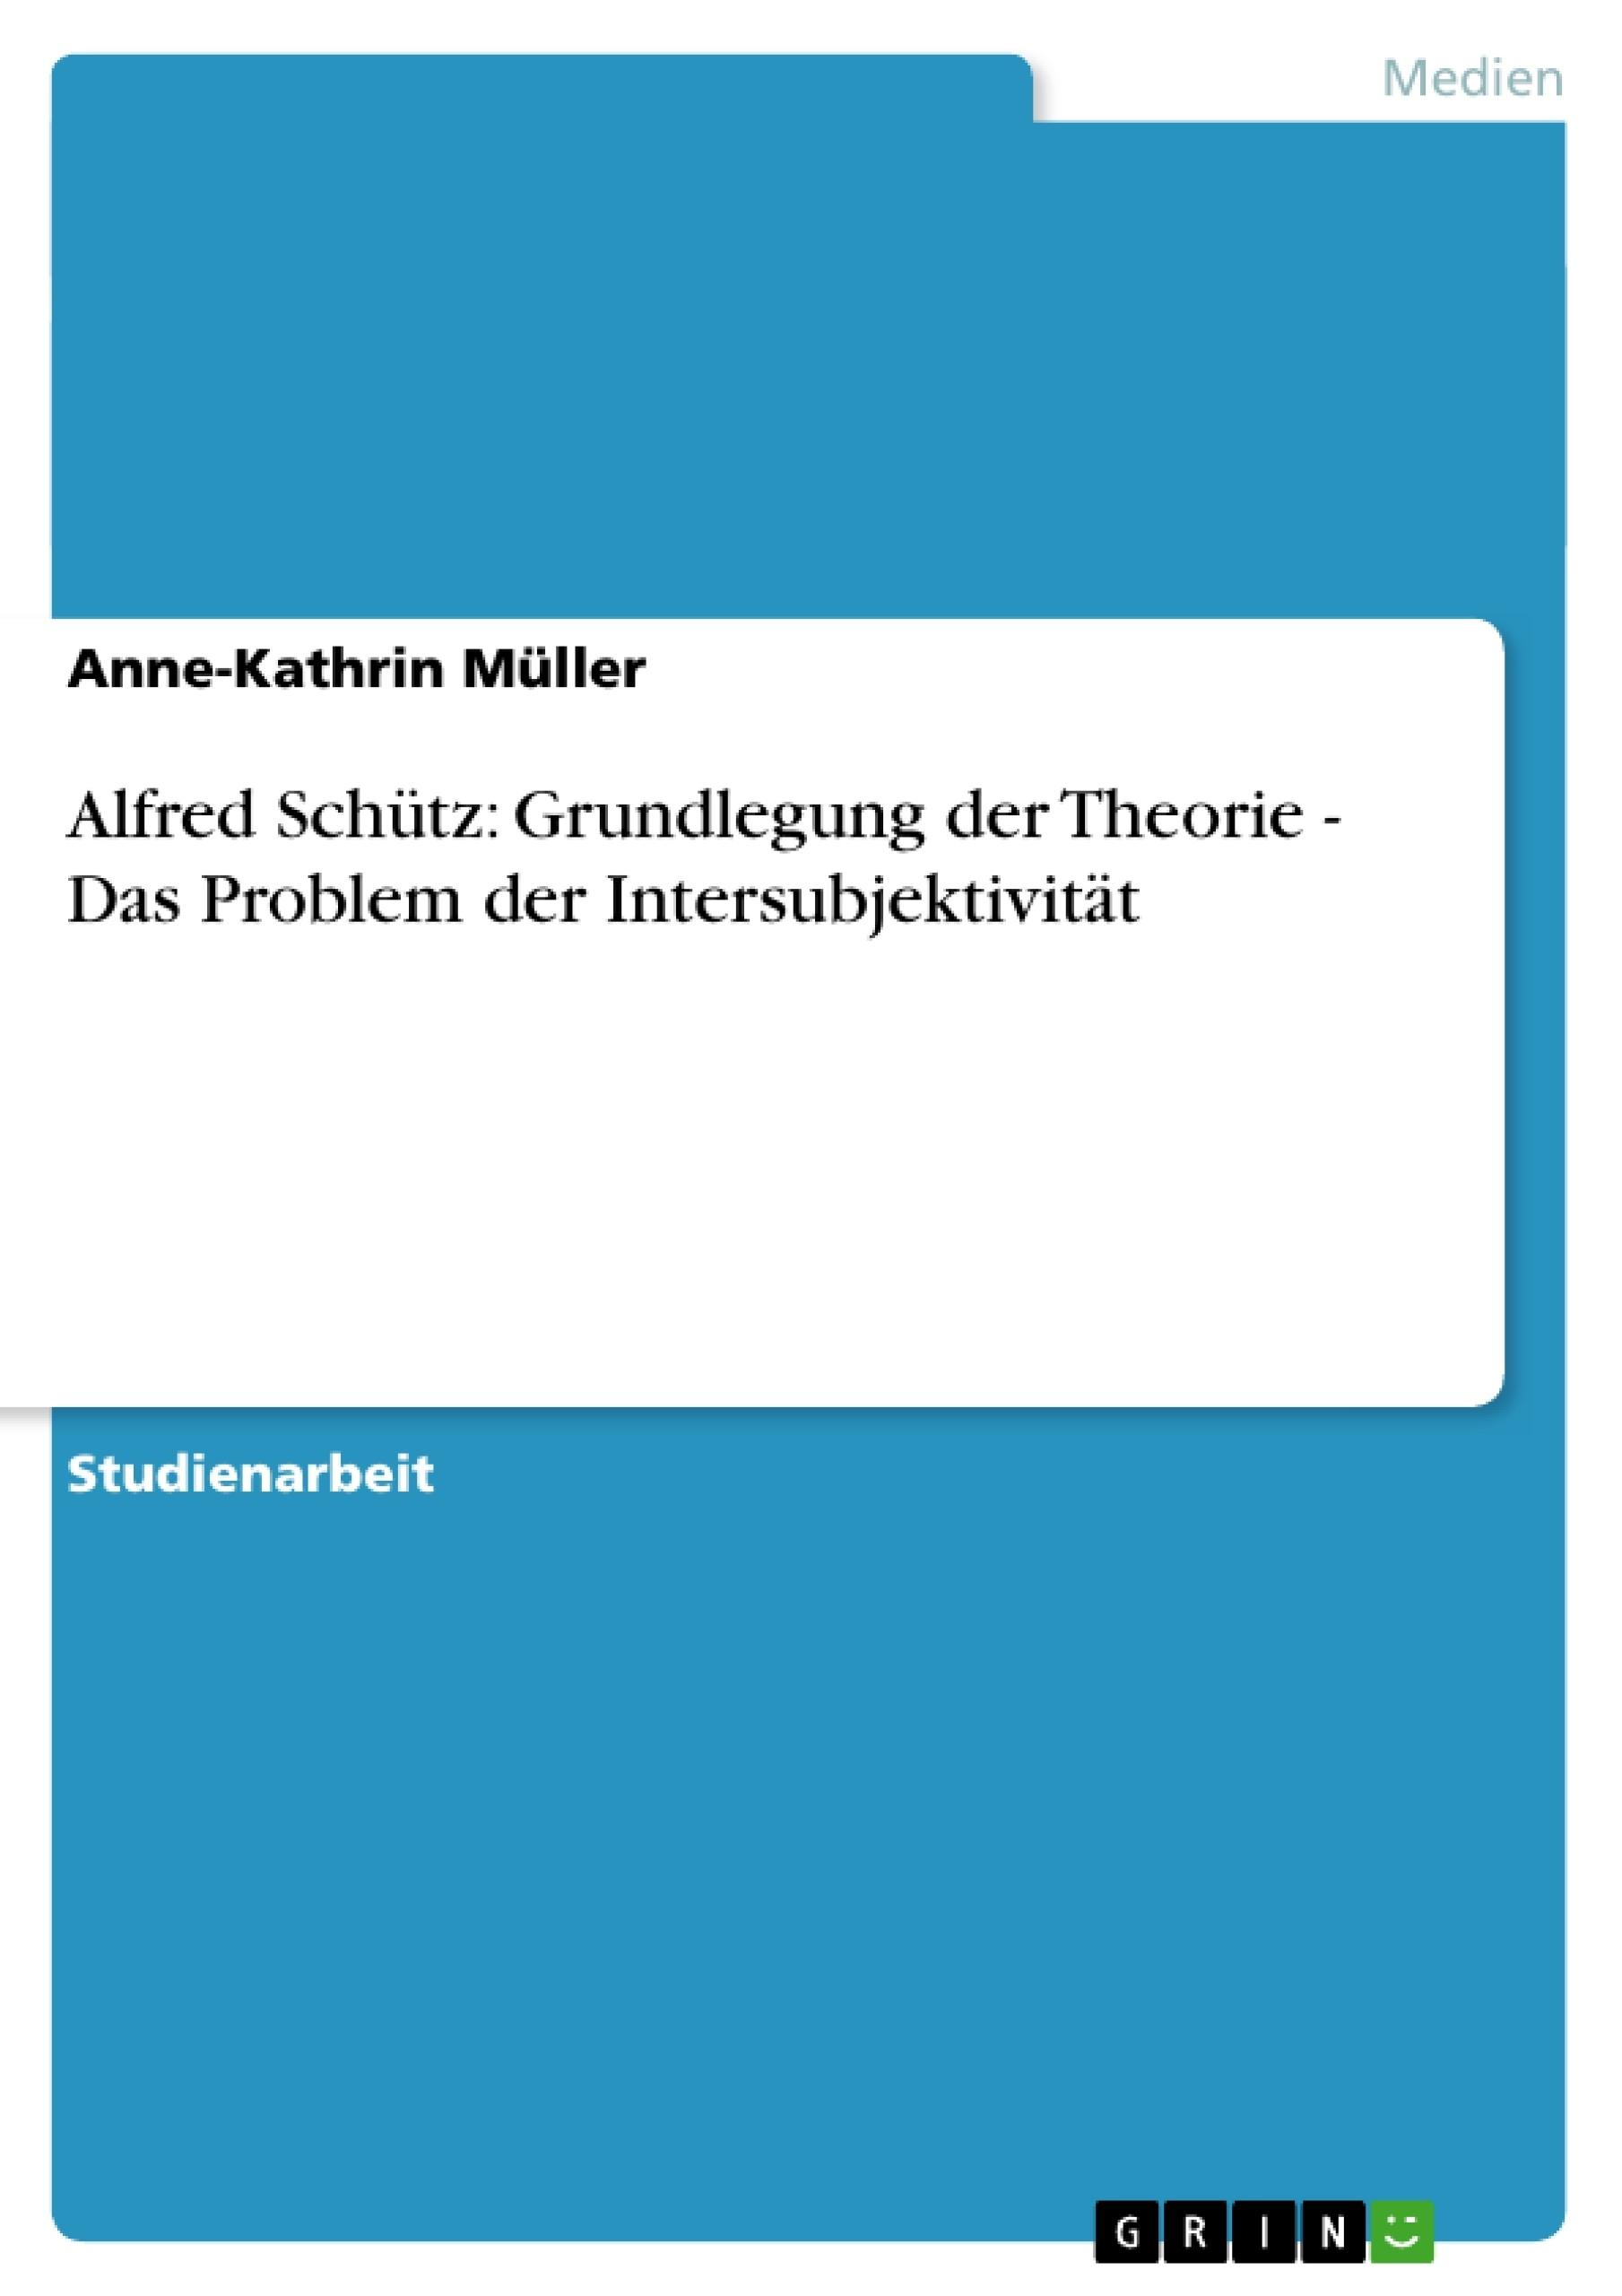 Titel: Alfred Schütz: Grundlegung der Theorie - Das Problem der Intersubjektivität